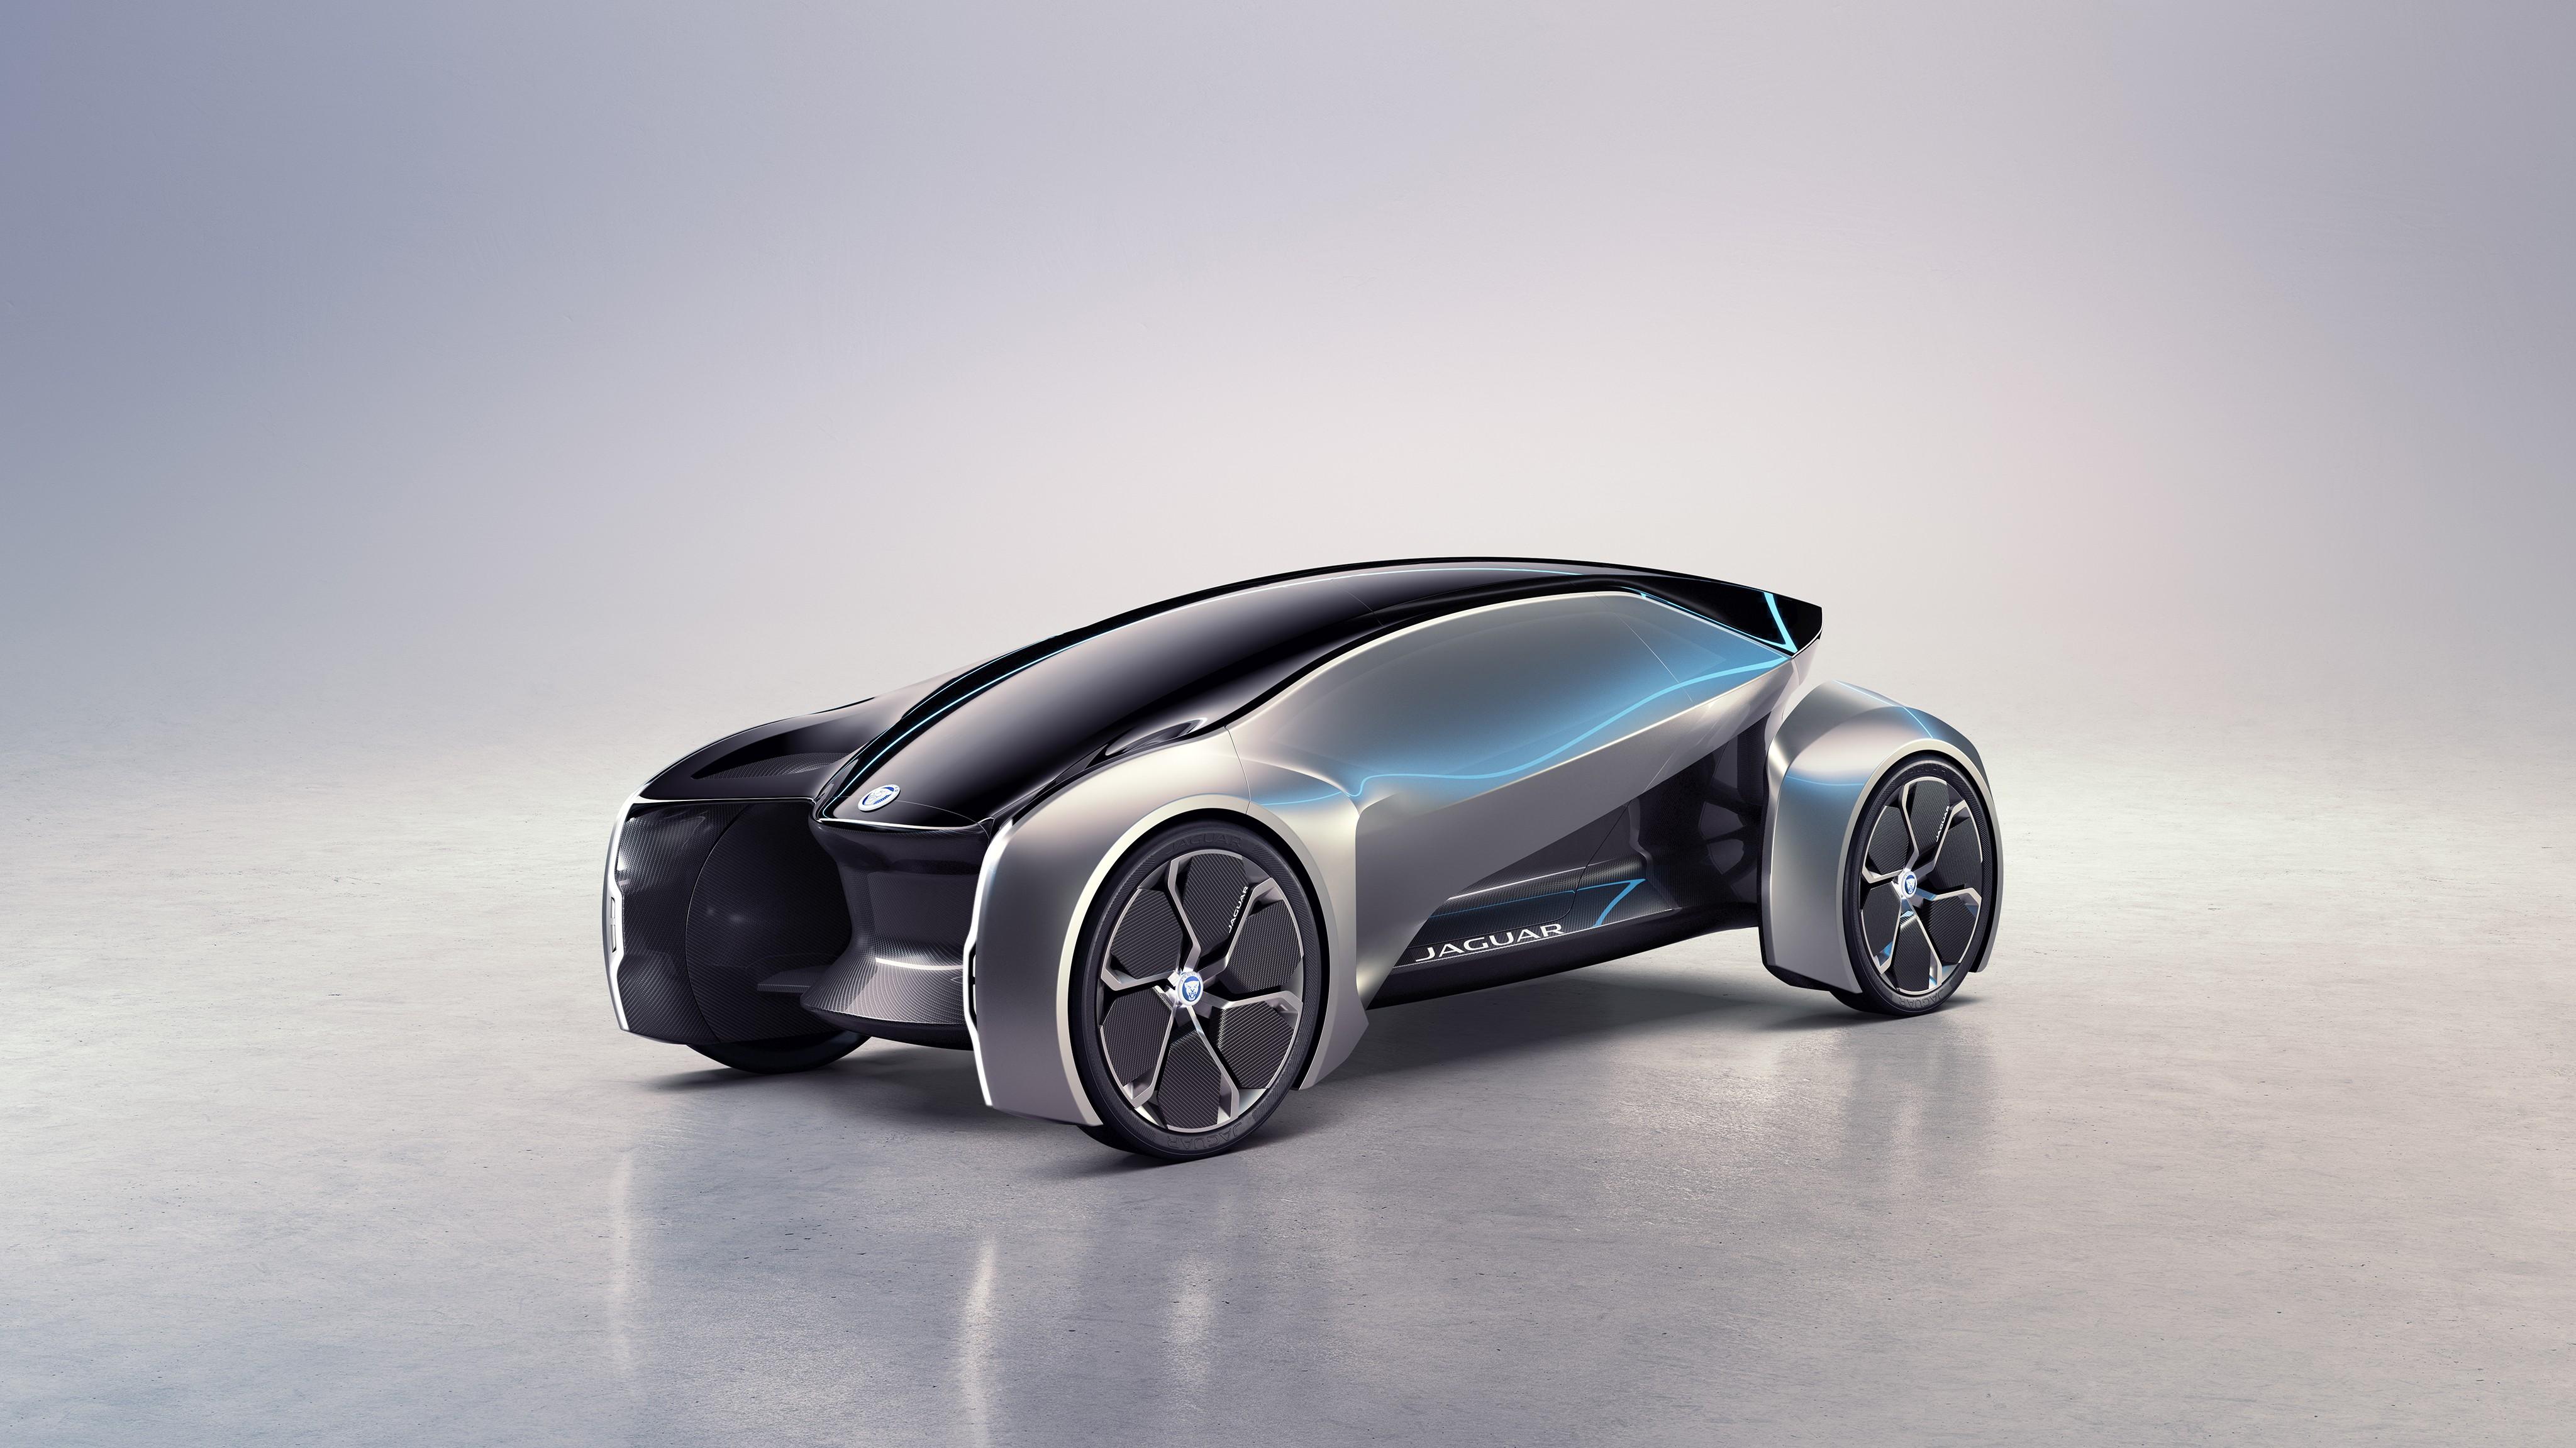 Wallpaper Jaguar Future-Type, electric car, 4k, Cars & Bikes #15680